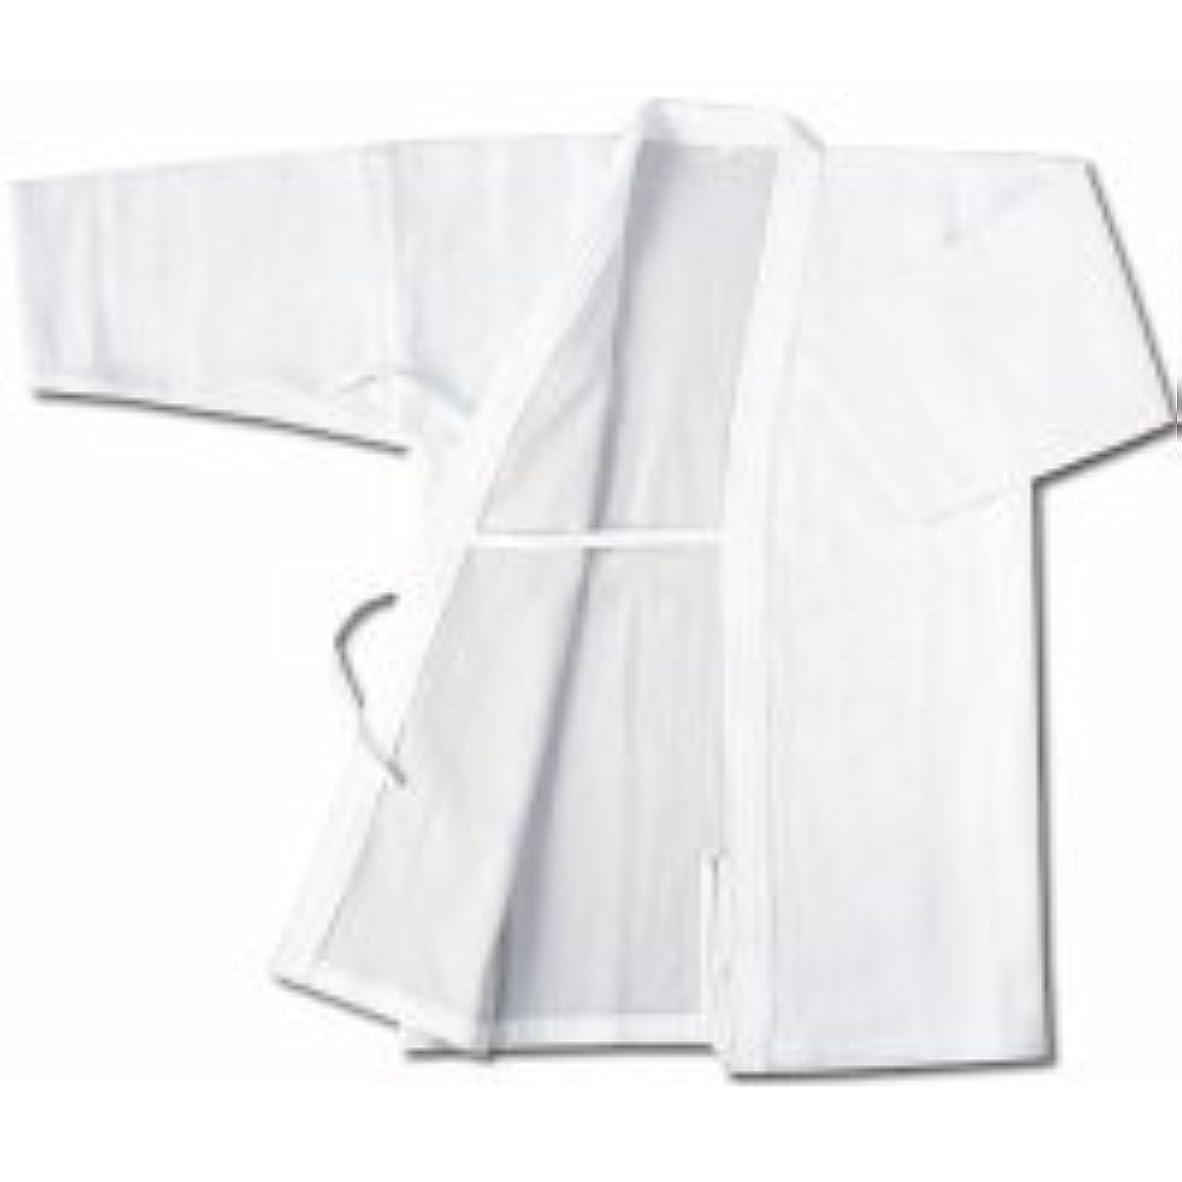 老人許される特別なミツボシ 剣道 剣道衣 クールライト剣道衣(晒) 1サイズ(145~155cm) T-08801